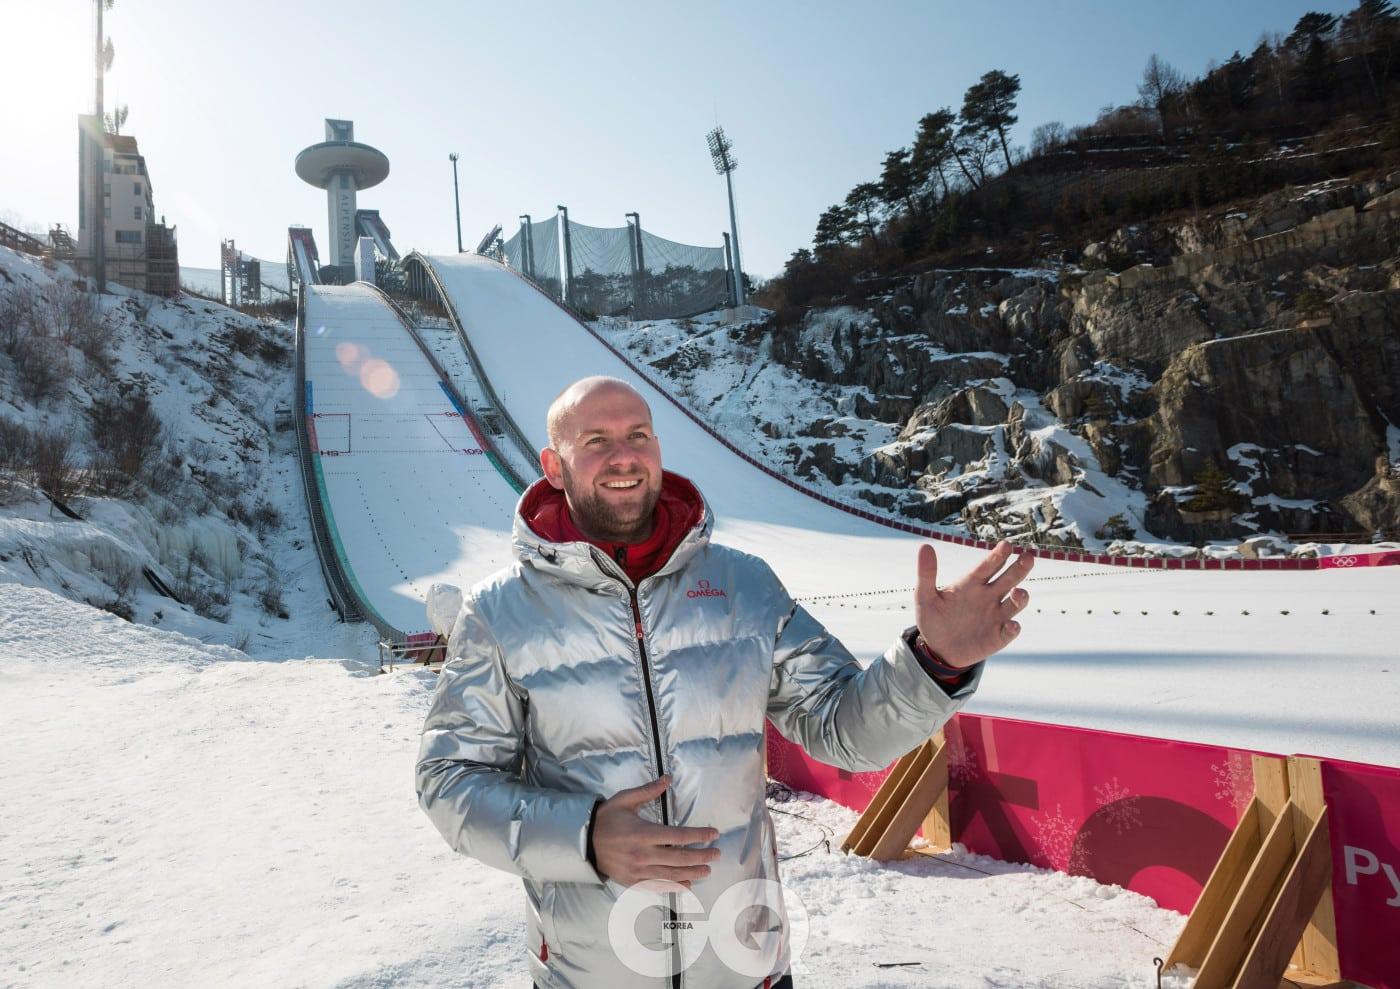 스키점프 경기장에서 타임키핑에 대해서 설명 중인 오메가 타이밍 CEO 알랭 조브리스트